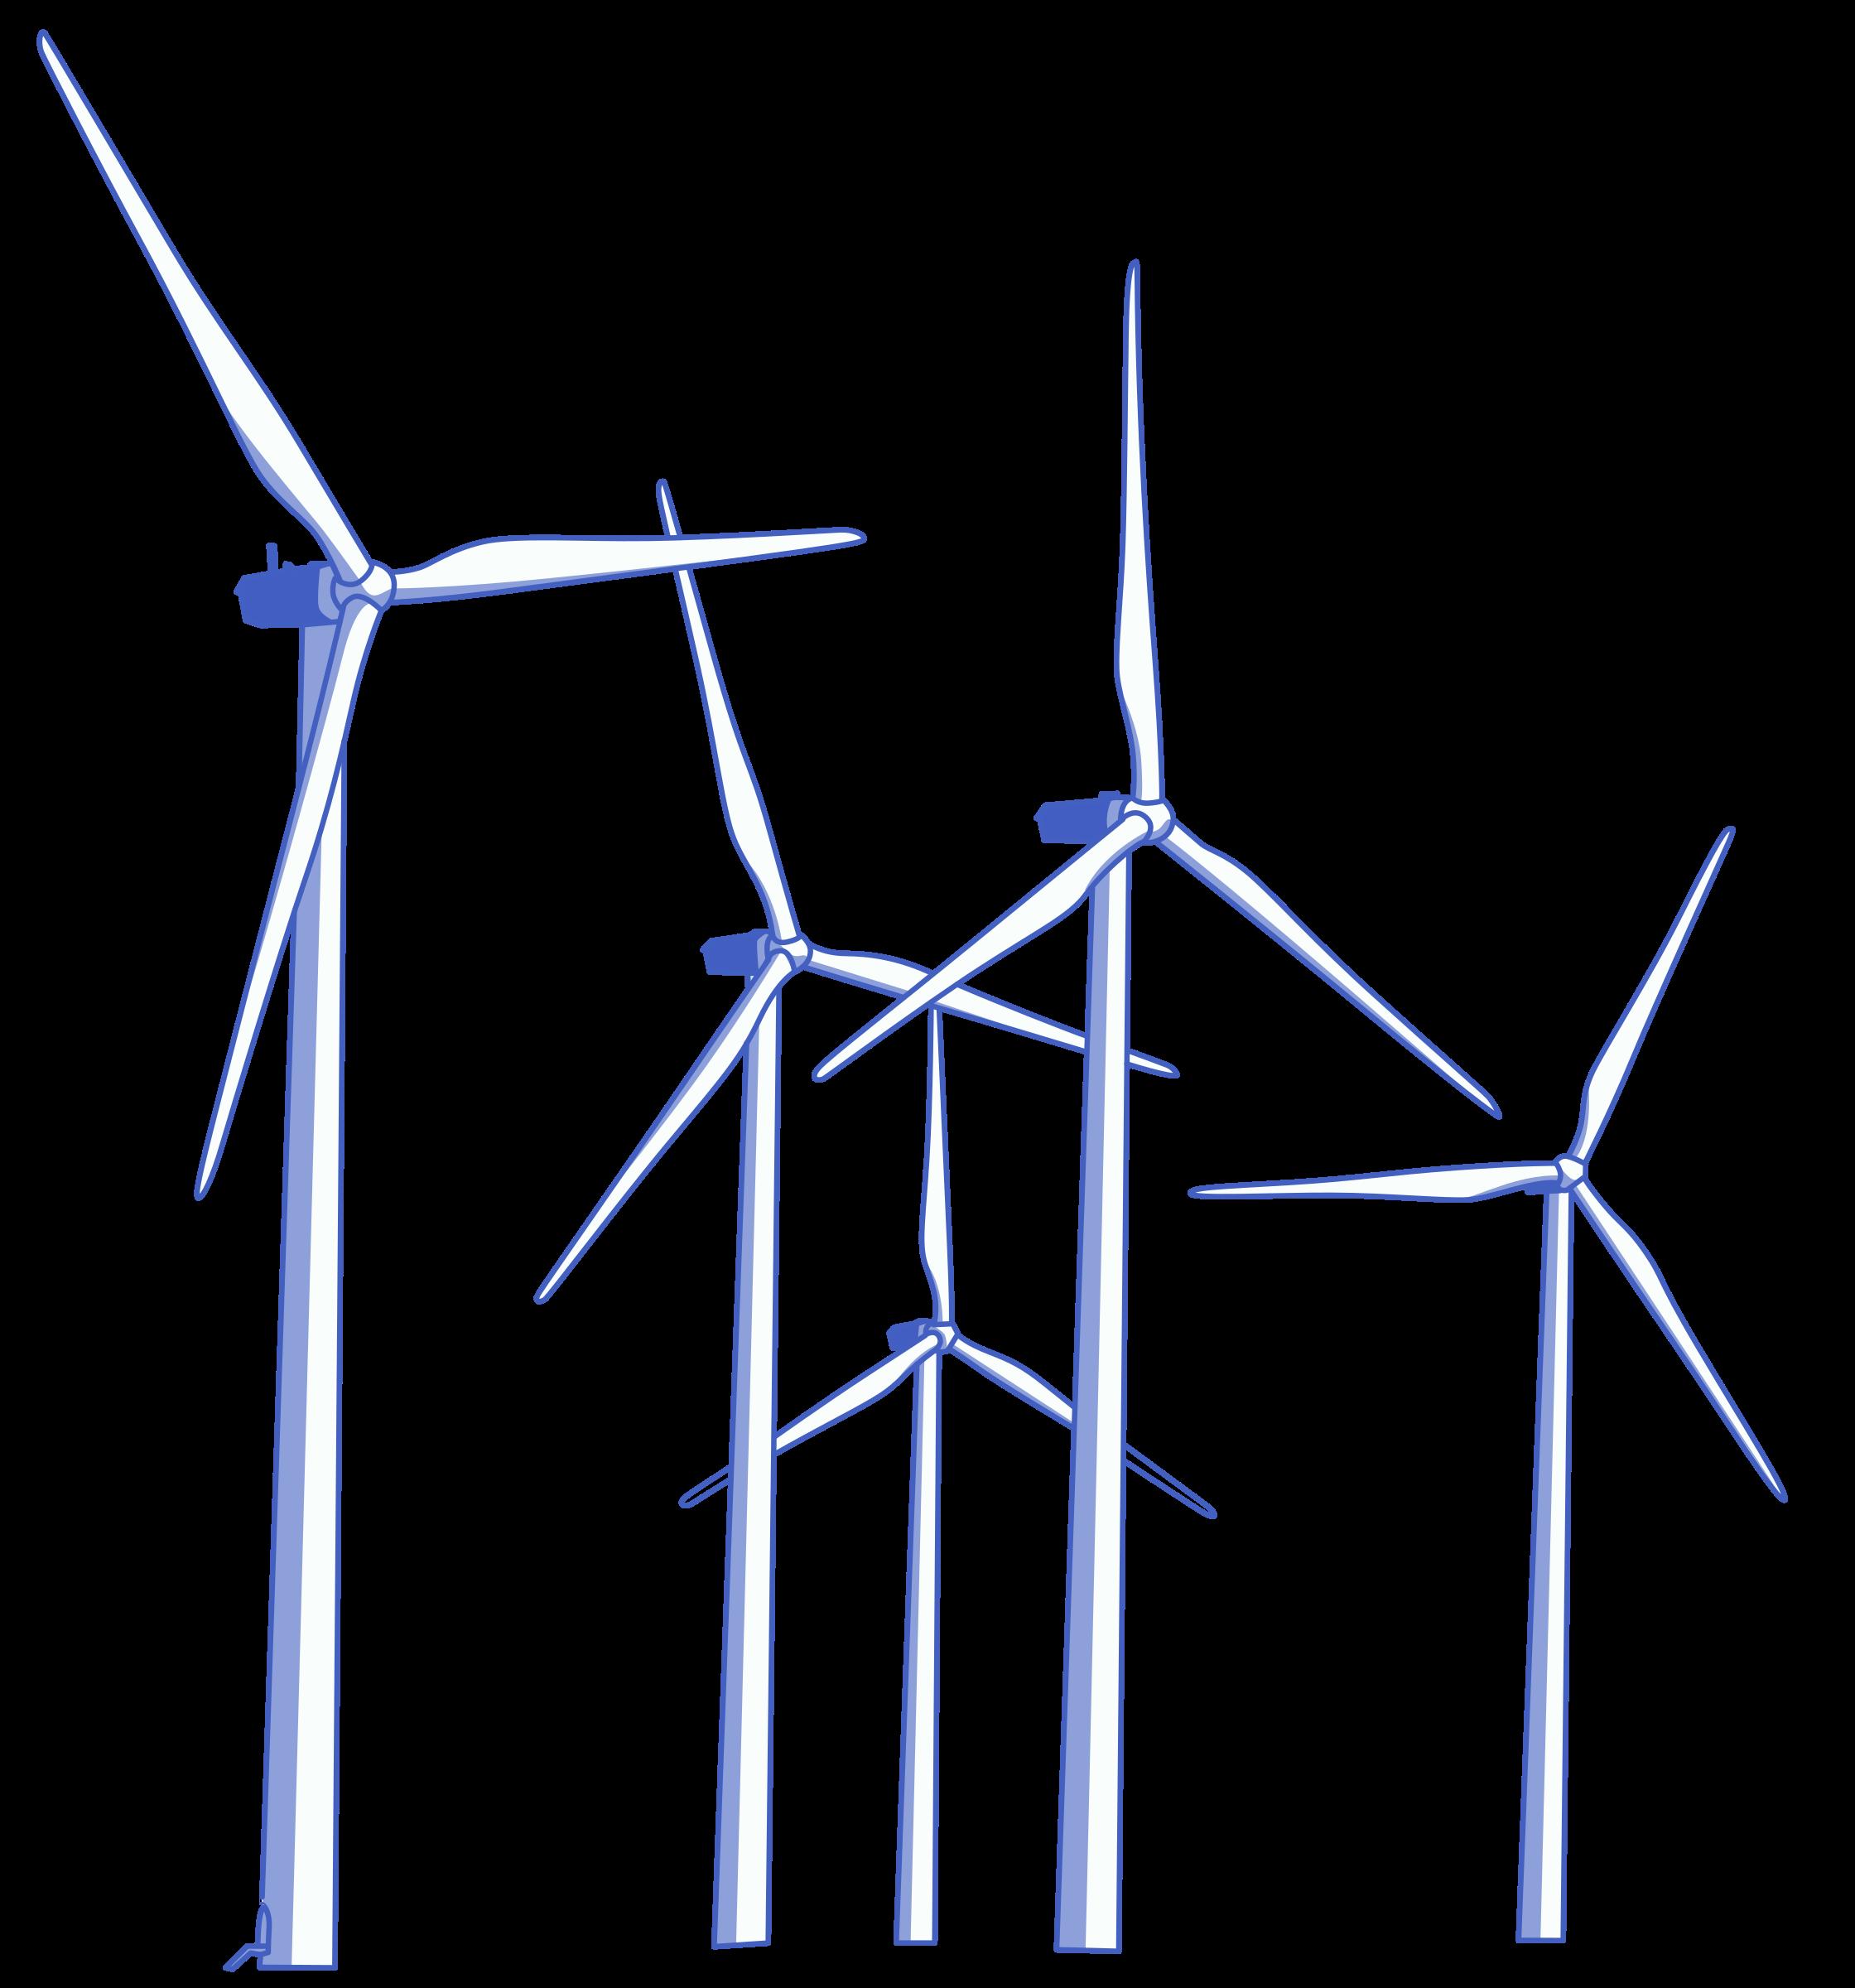 Wind turbine clip art. Farm clipart windmill